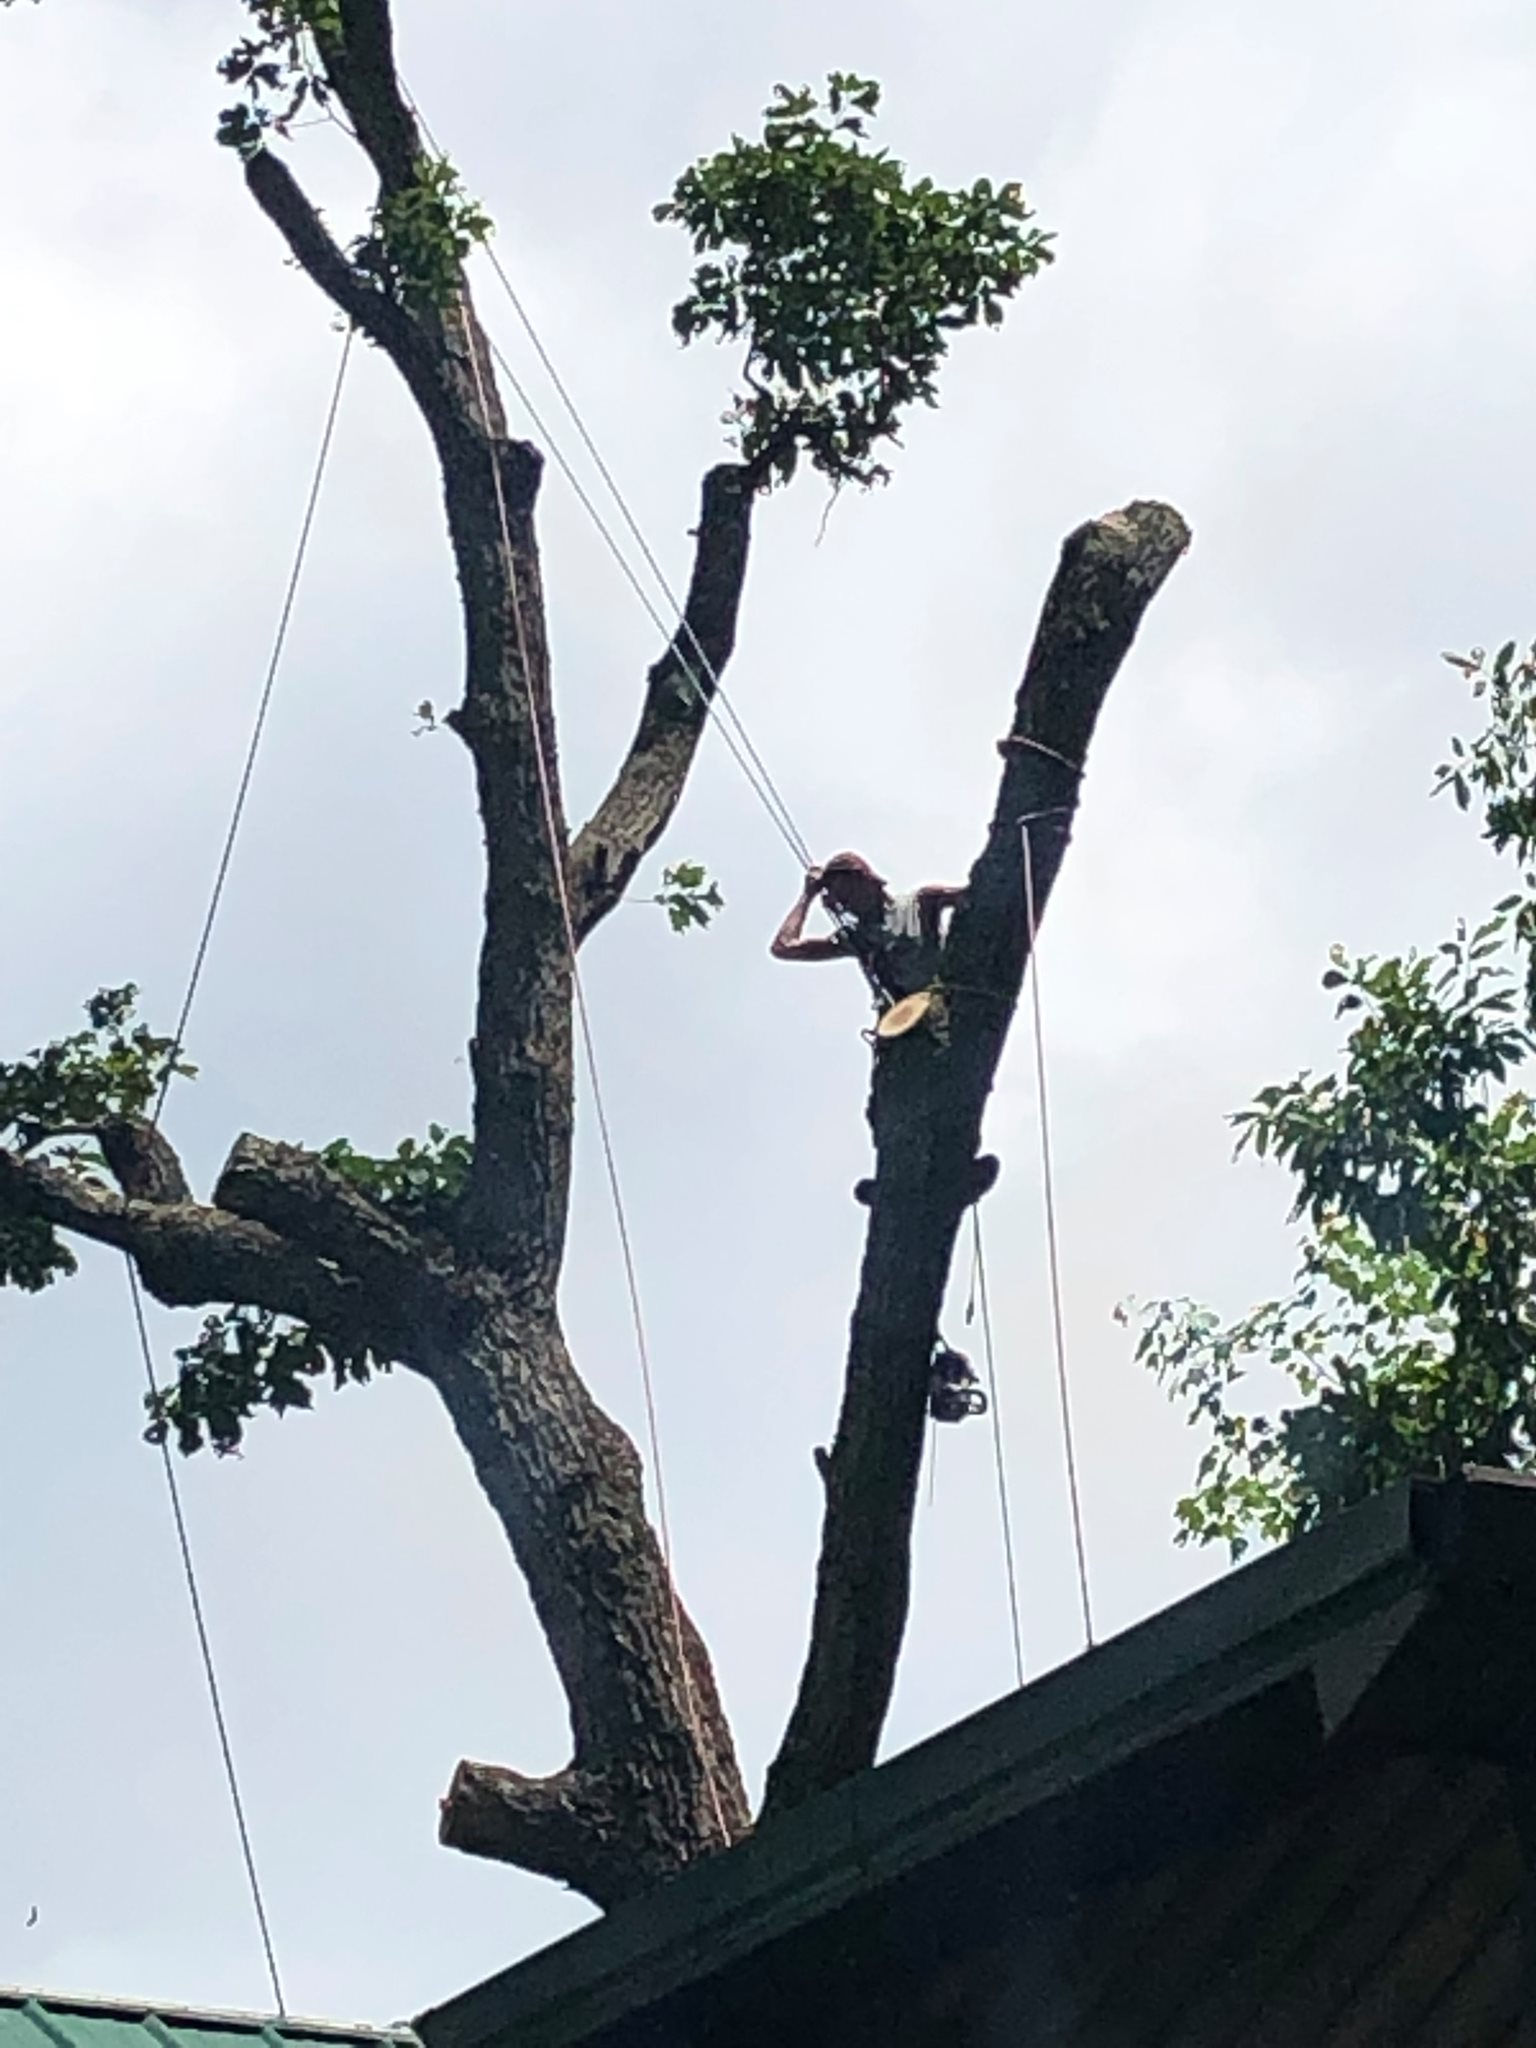 L & M Tree Service